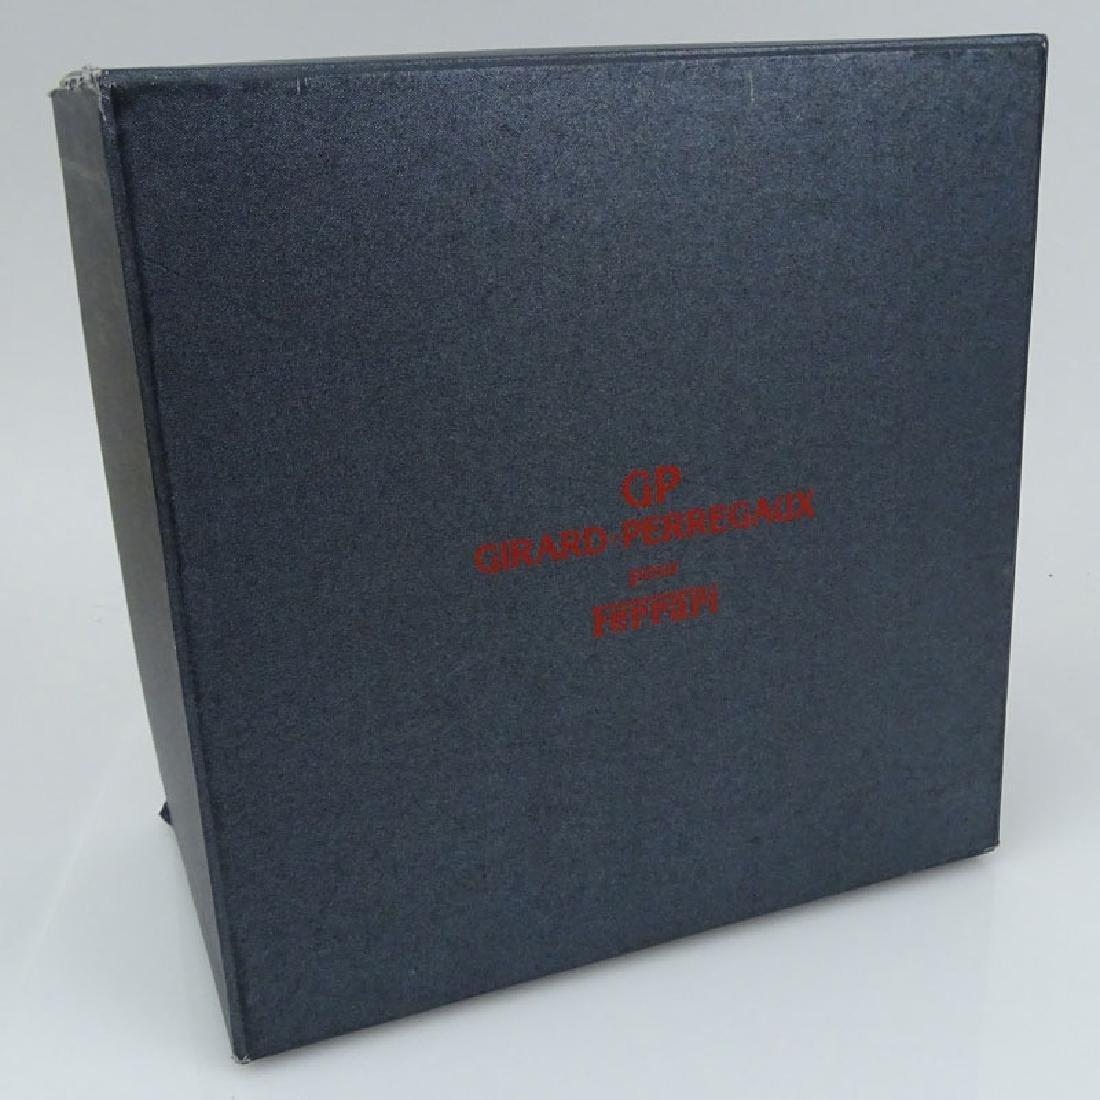 Girard-Perregaux pour Ferrari Stainless Steel - 8